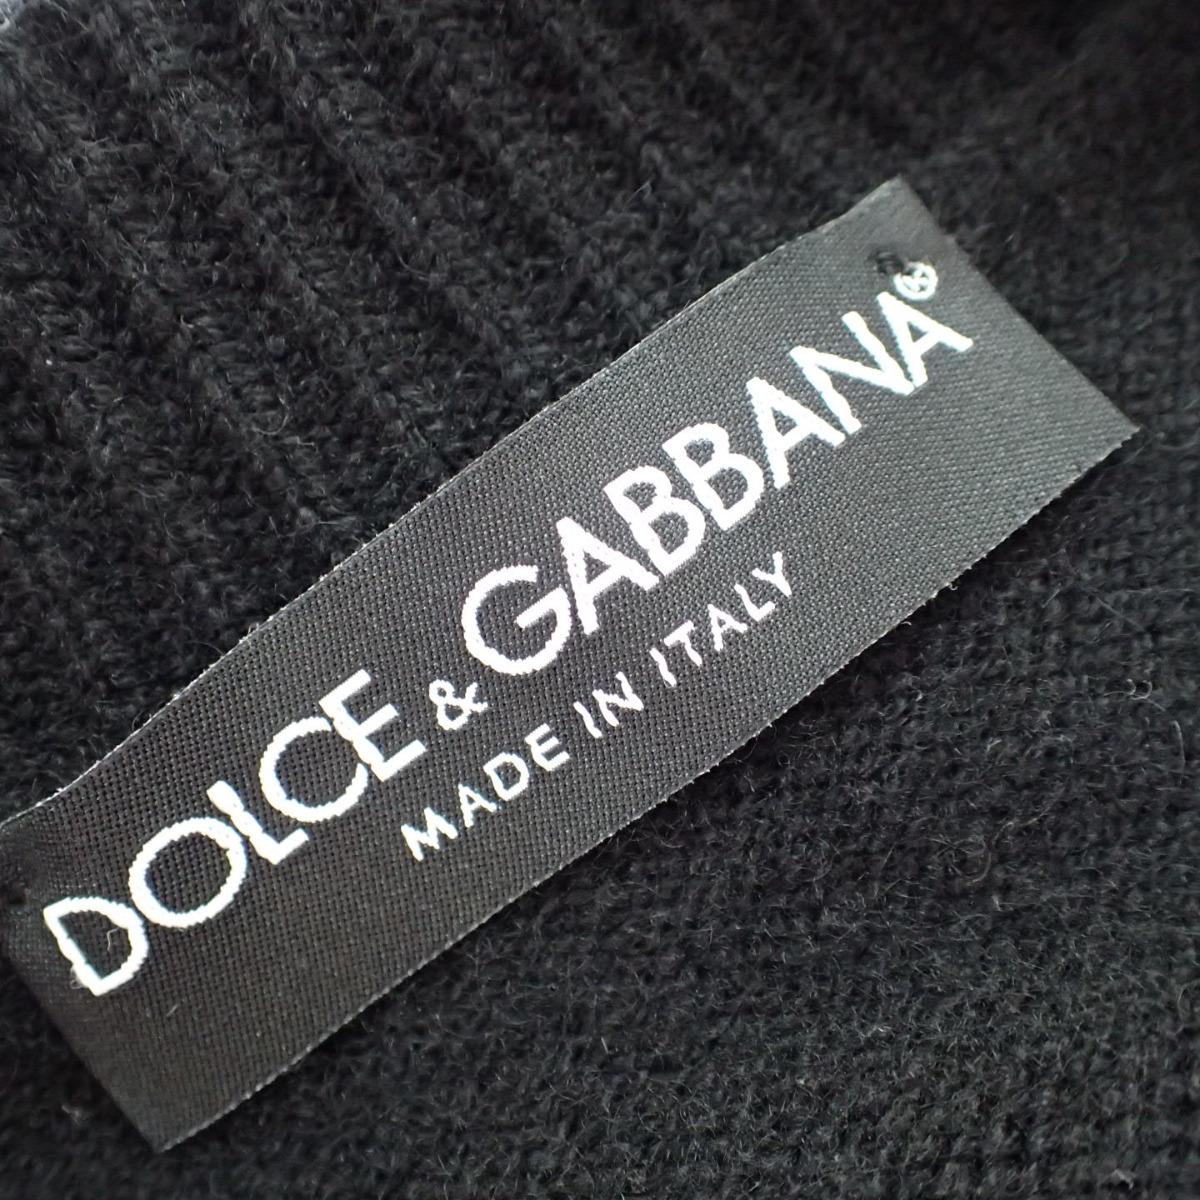 Dolce Gabbana ドルチェアンドガッバーナ国内正規◇ メタル ビジュー マルチボタン カシミヤ100ニット カーディガン トップス 36 ブラック レディースCxBrdoe